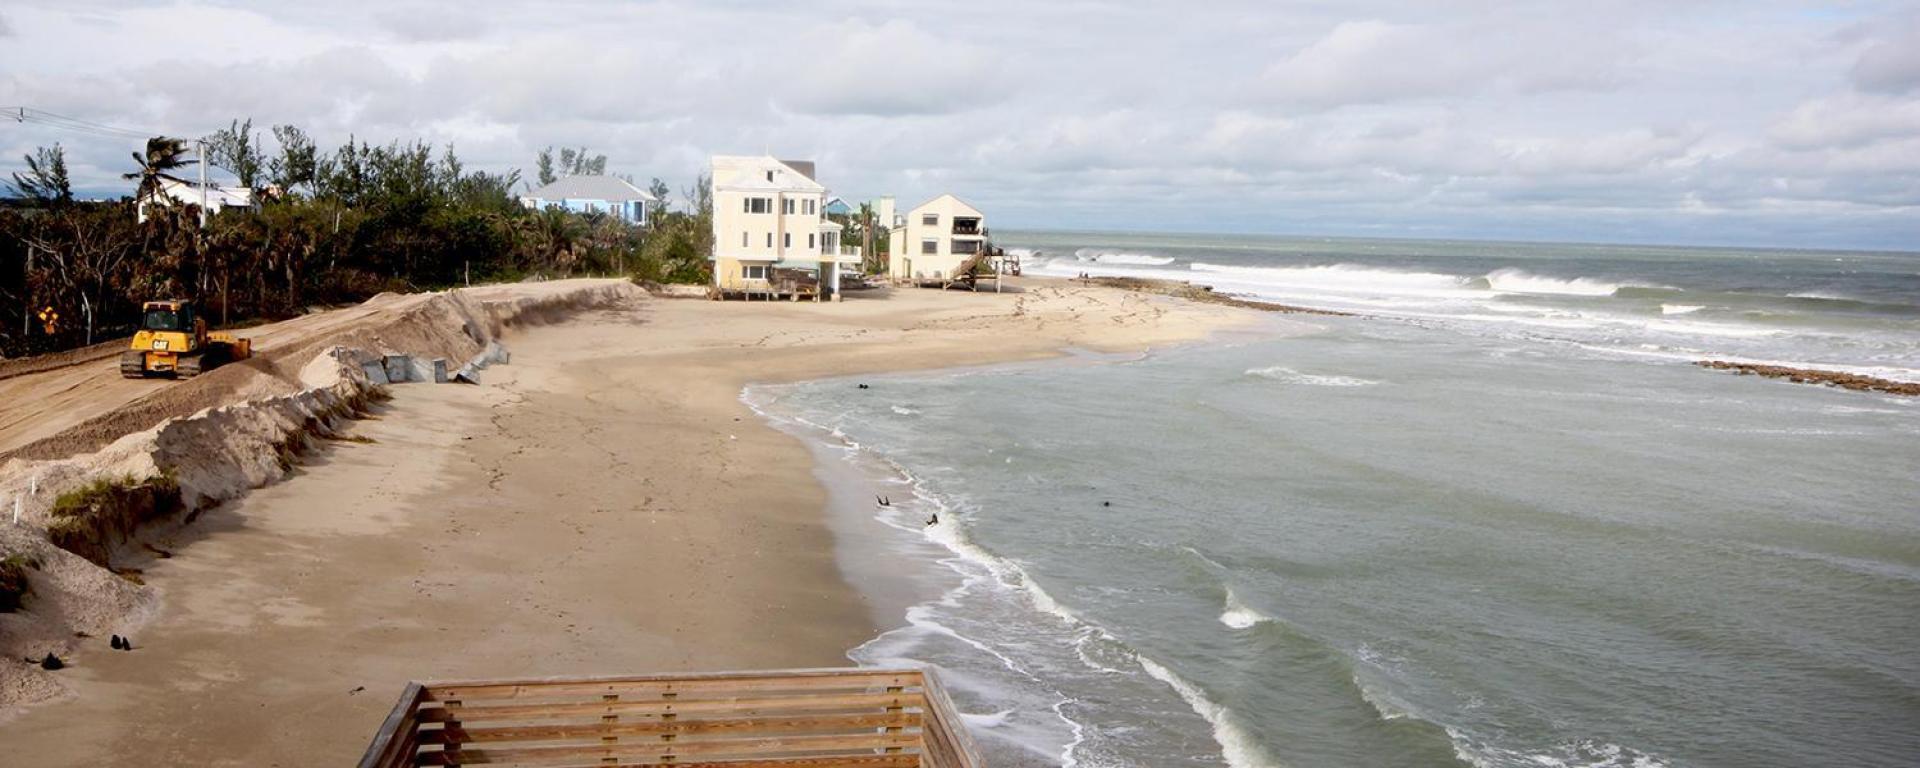 Bathtub Reef Beach | Martin County Florida